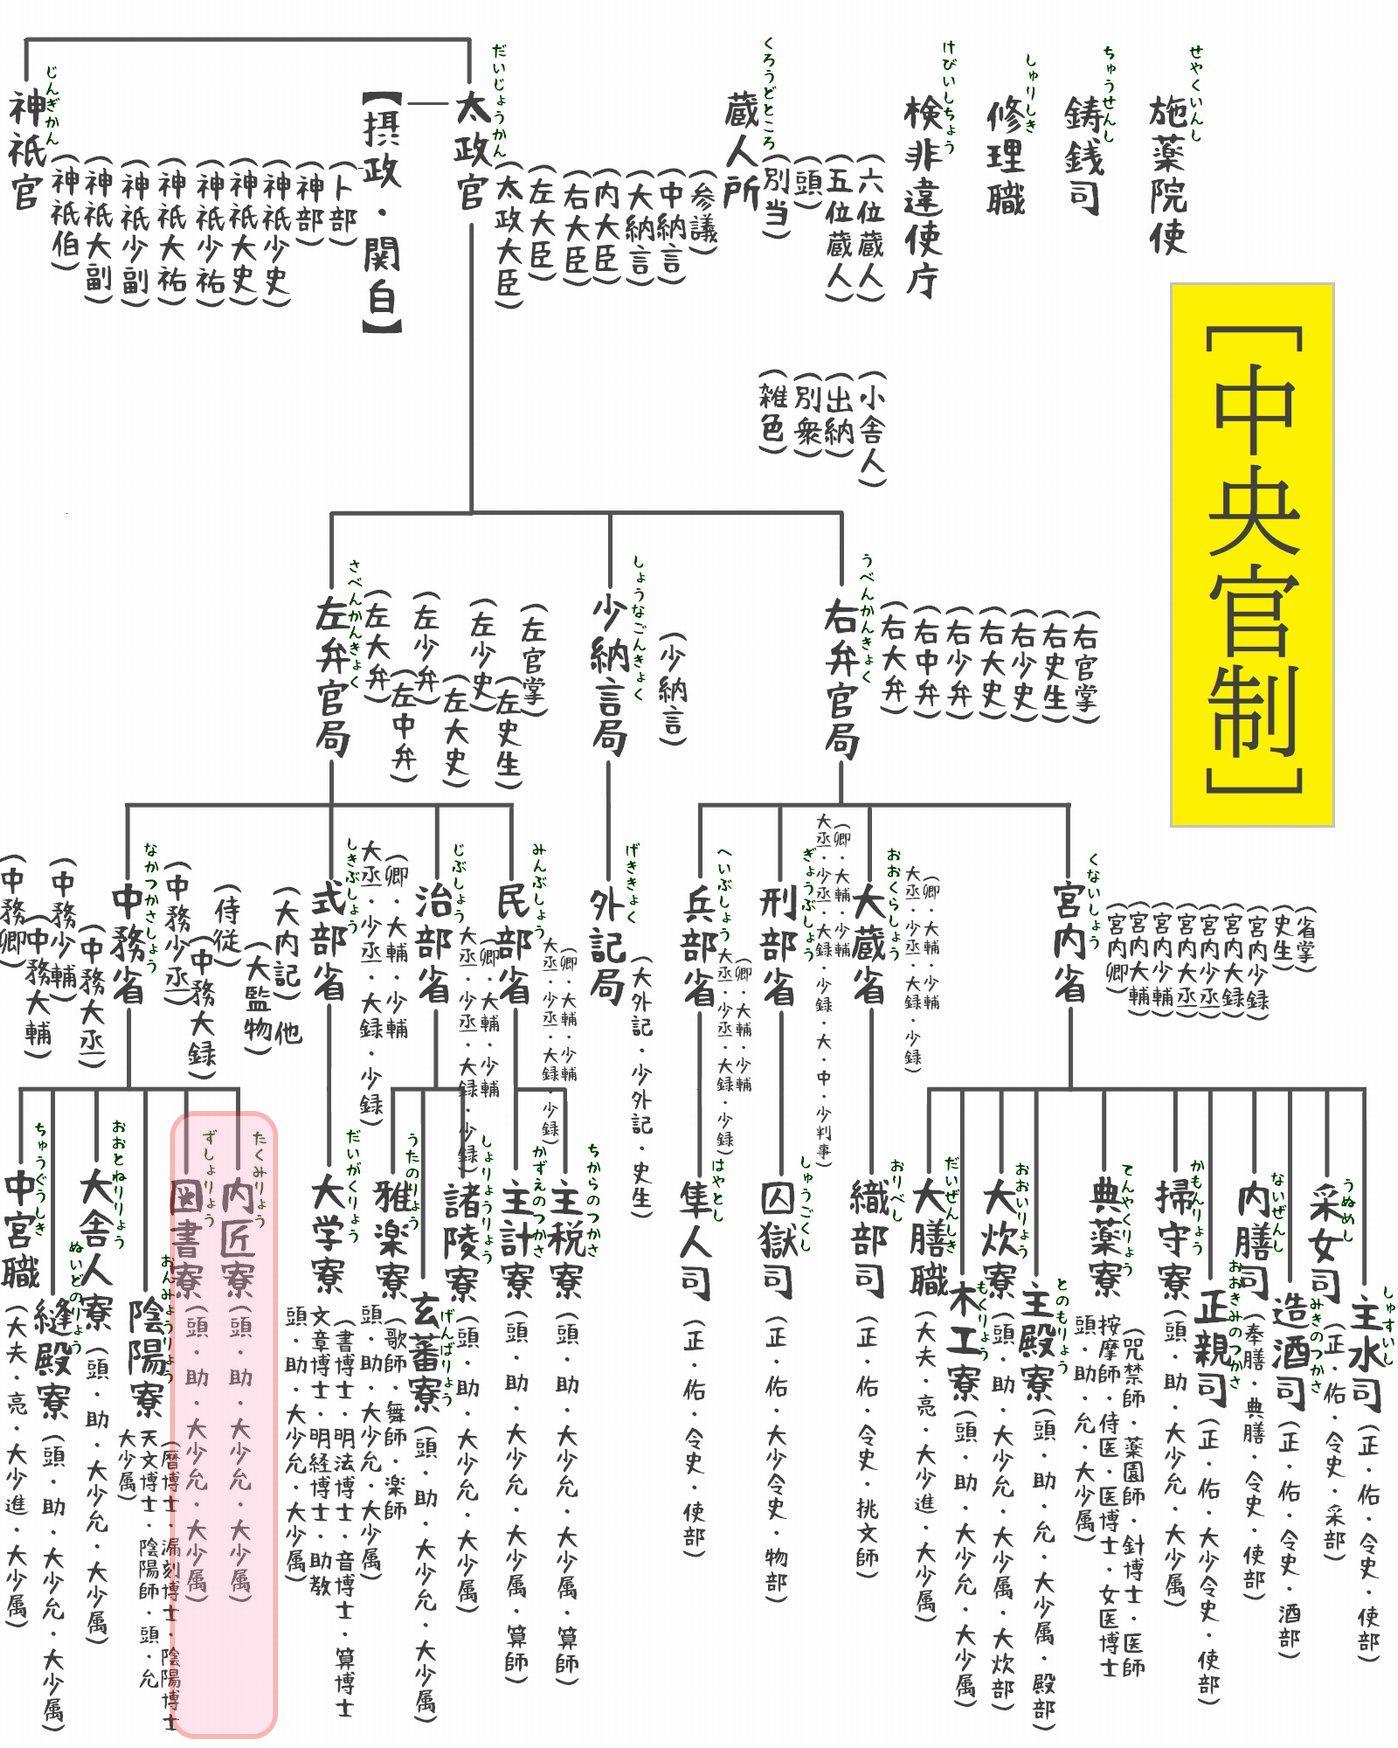 官職表(中央官制1)d